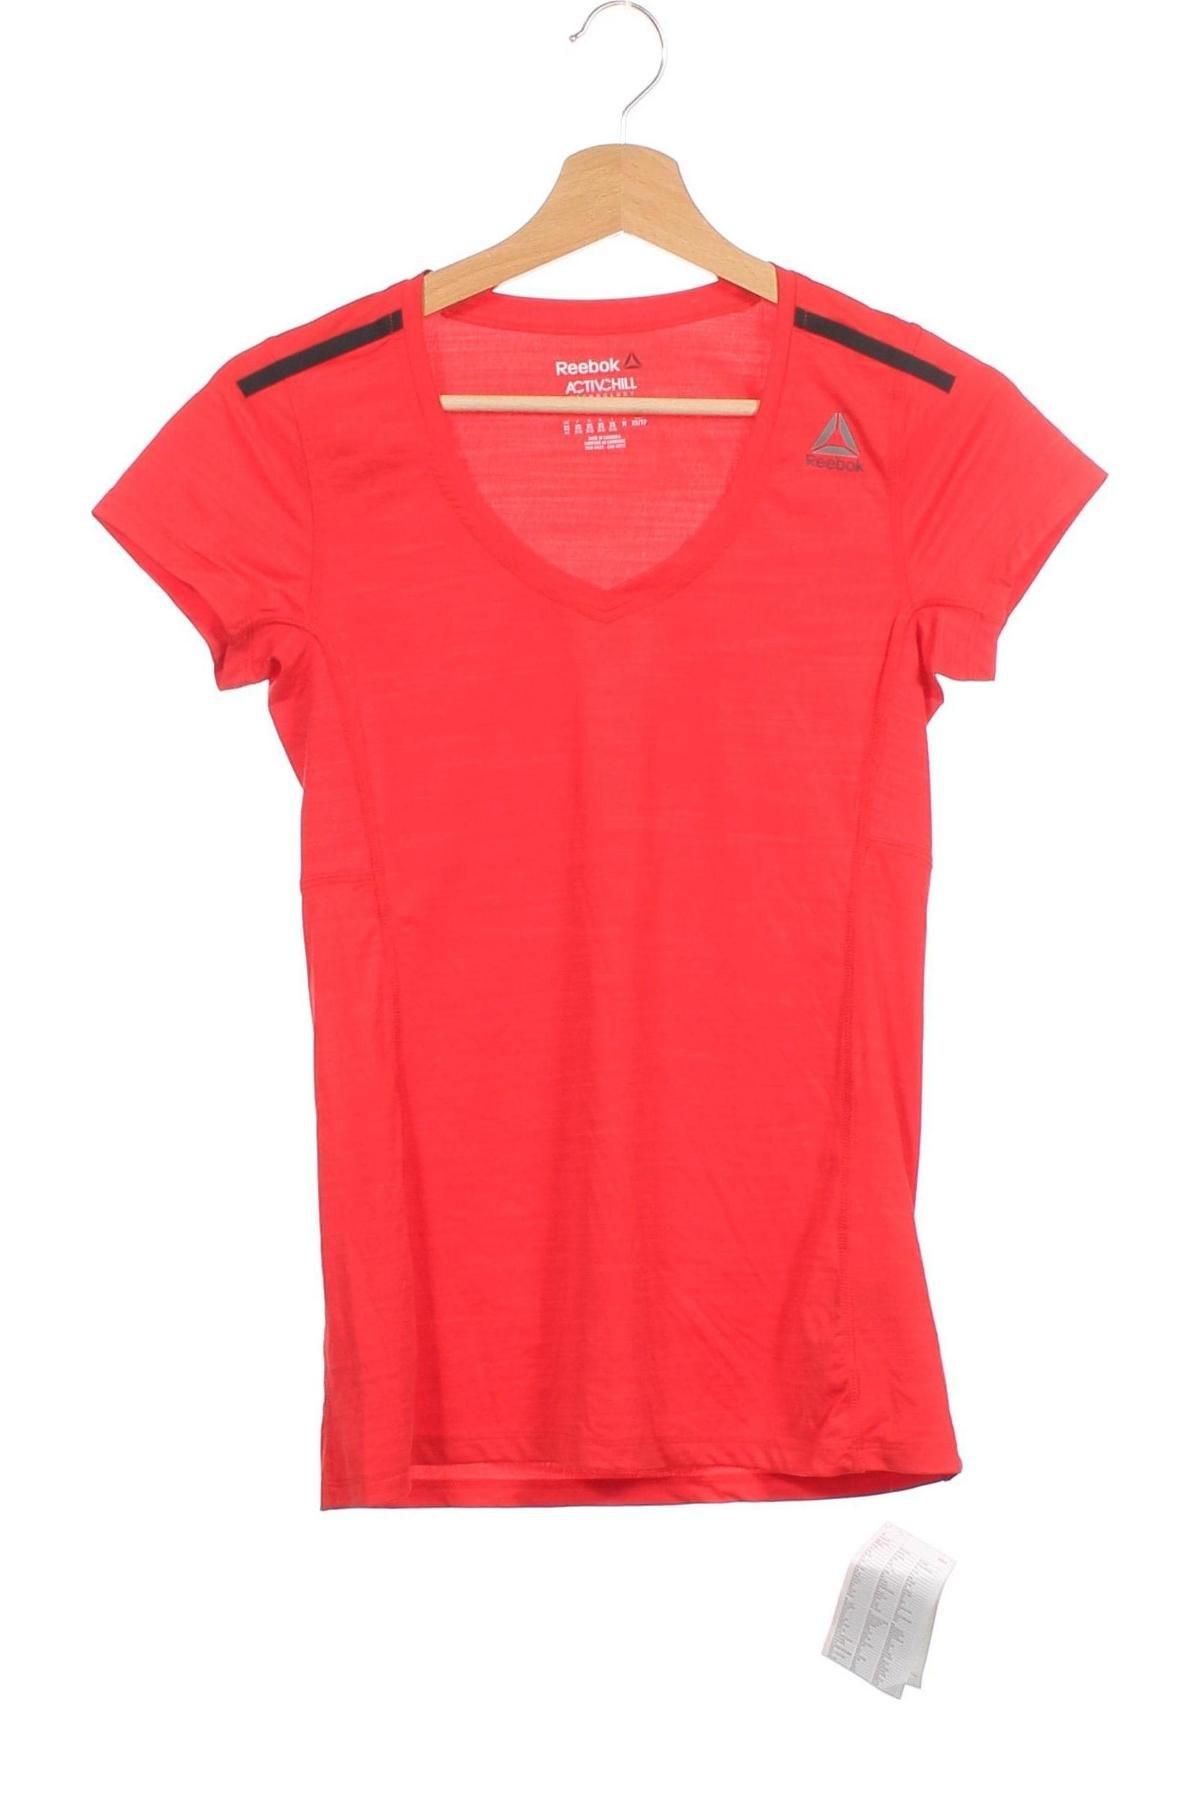 Дамска тениска Reebok, Размер XS, Цвят Червен, 84% полиамид, 16% еластан, Цена 16,17лв.